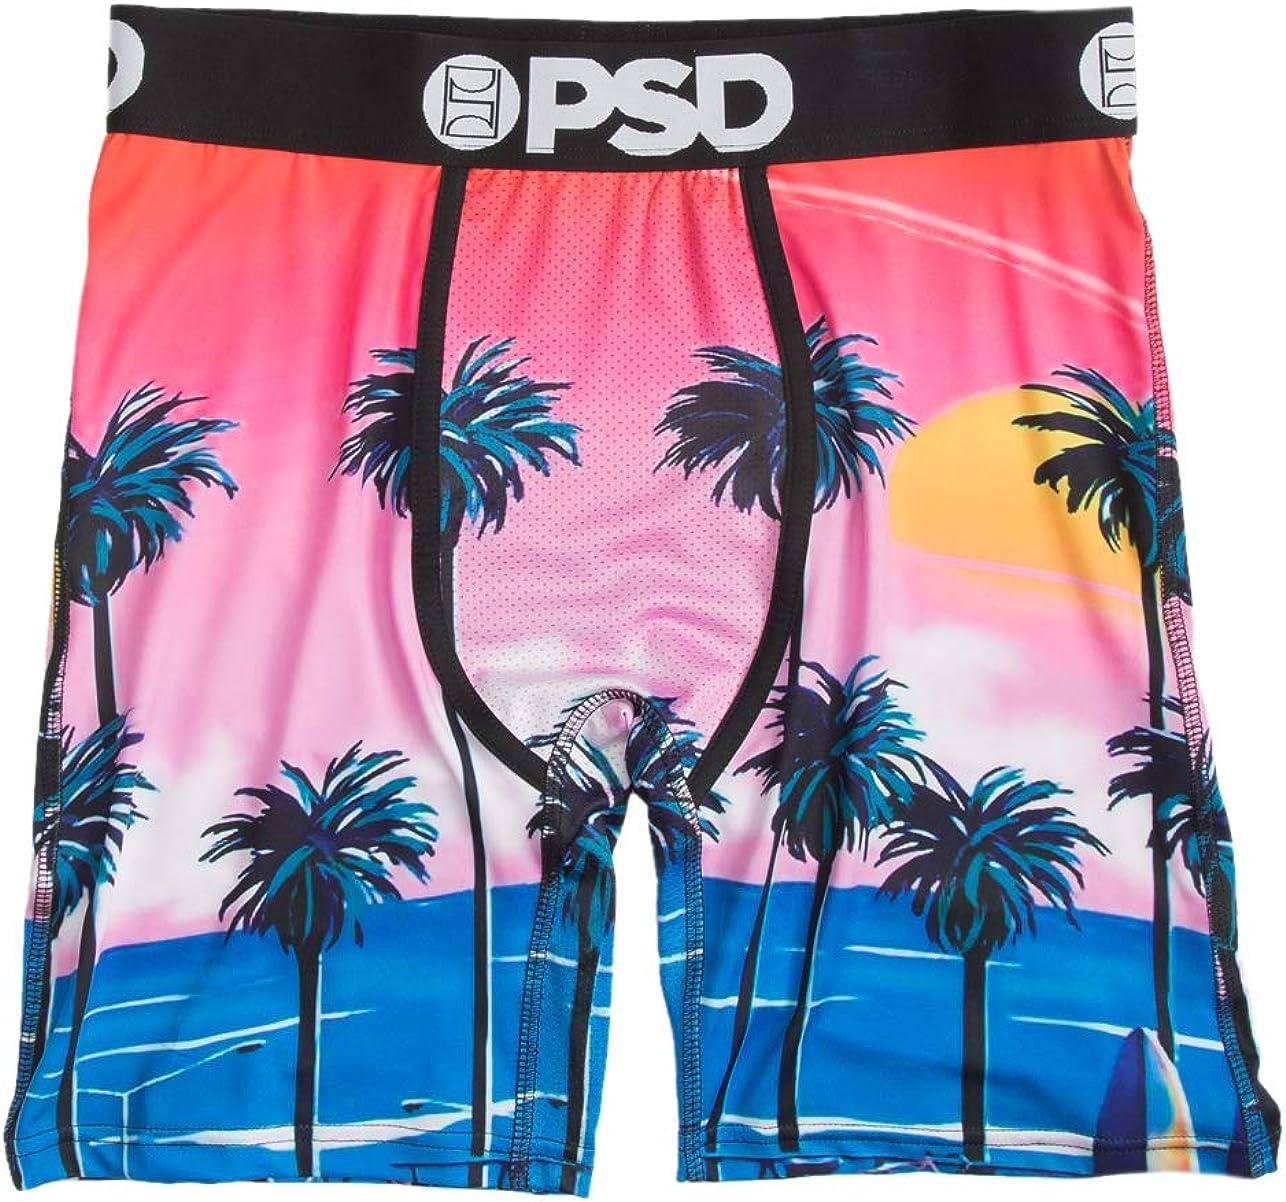 PSD Underwear Men's Printed Palms Boxer Briefs